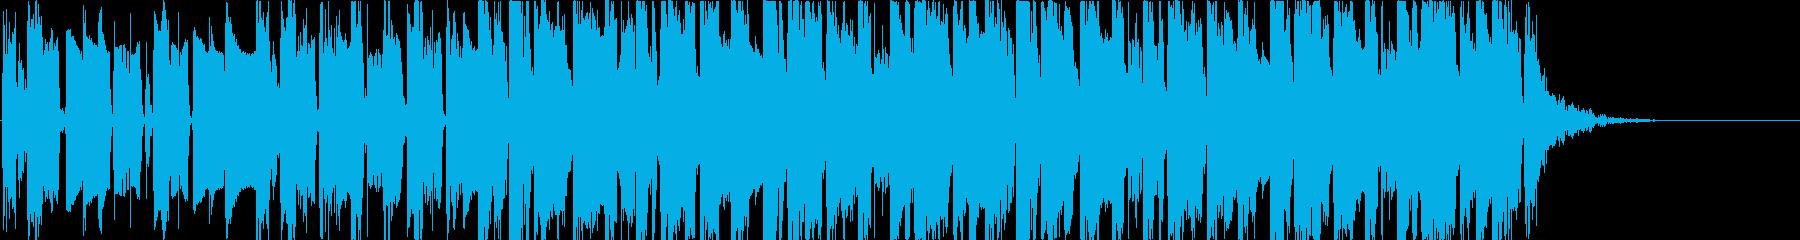 アパレルCM/ファンキーなブラス曲の再生済みの波形